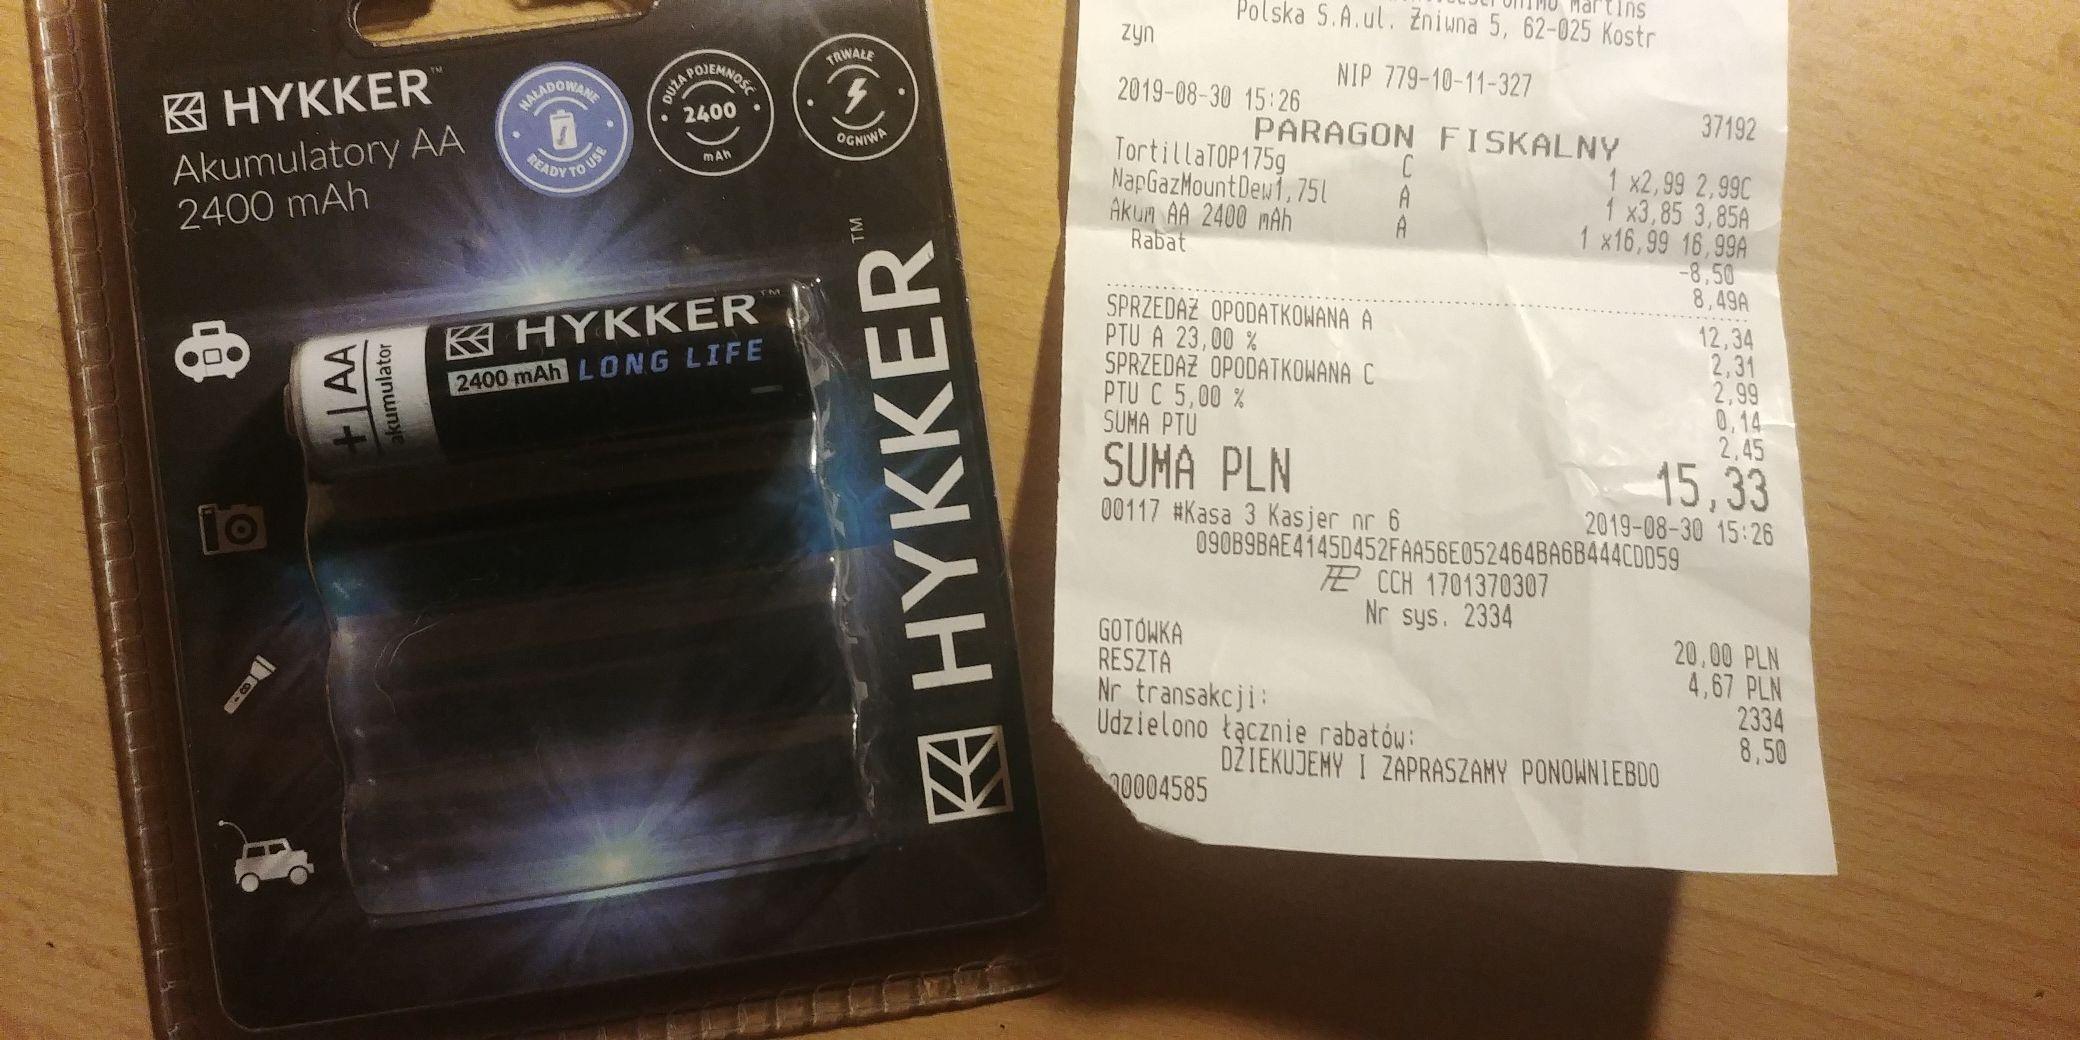 Akumulatorki HYKKER 2400mAh biedronka